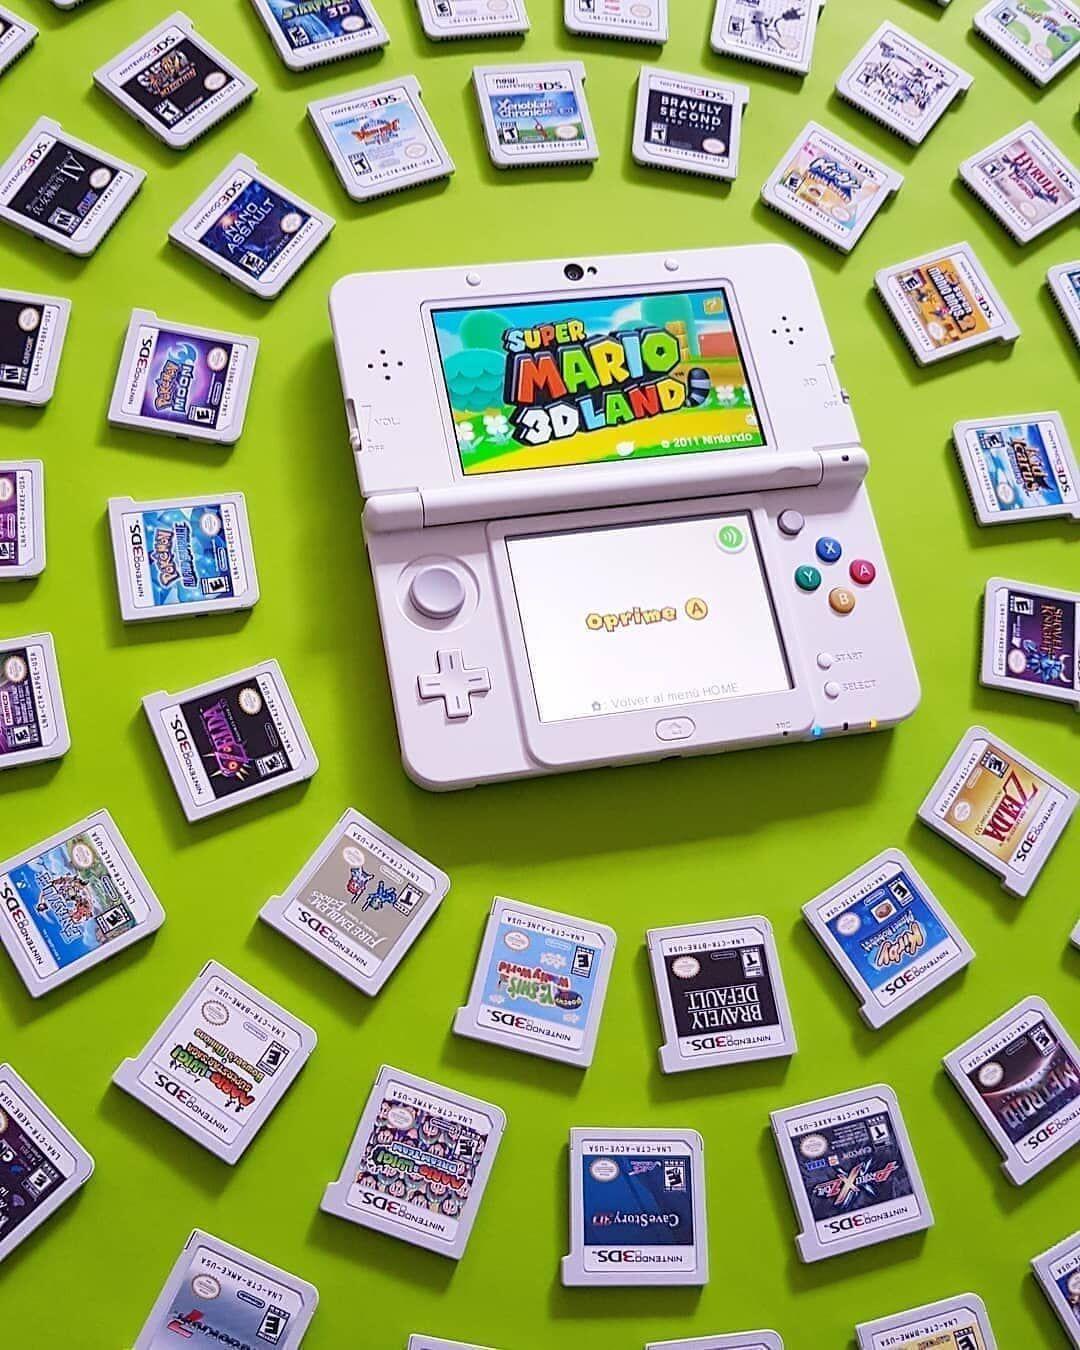 La Nintendo 3ds A été Pour Beaucoup D Entre Nous La Première Expérience Gaming Pour Ma Part J Ai Commencé I Retro Video Games Nintendo 3ds Nintendo 3ds Games